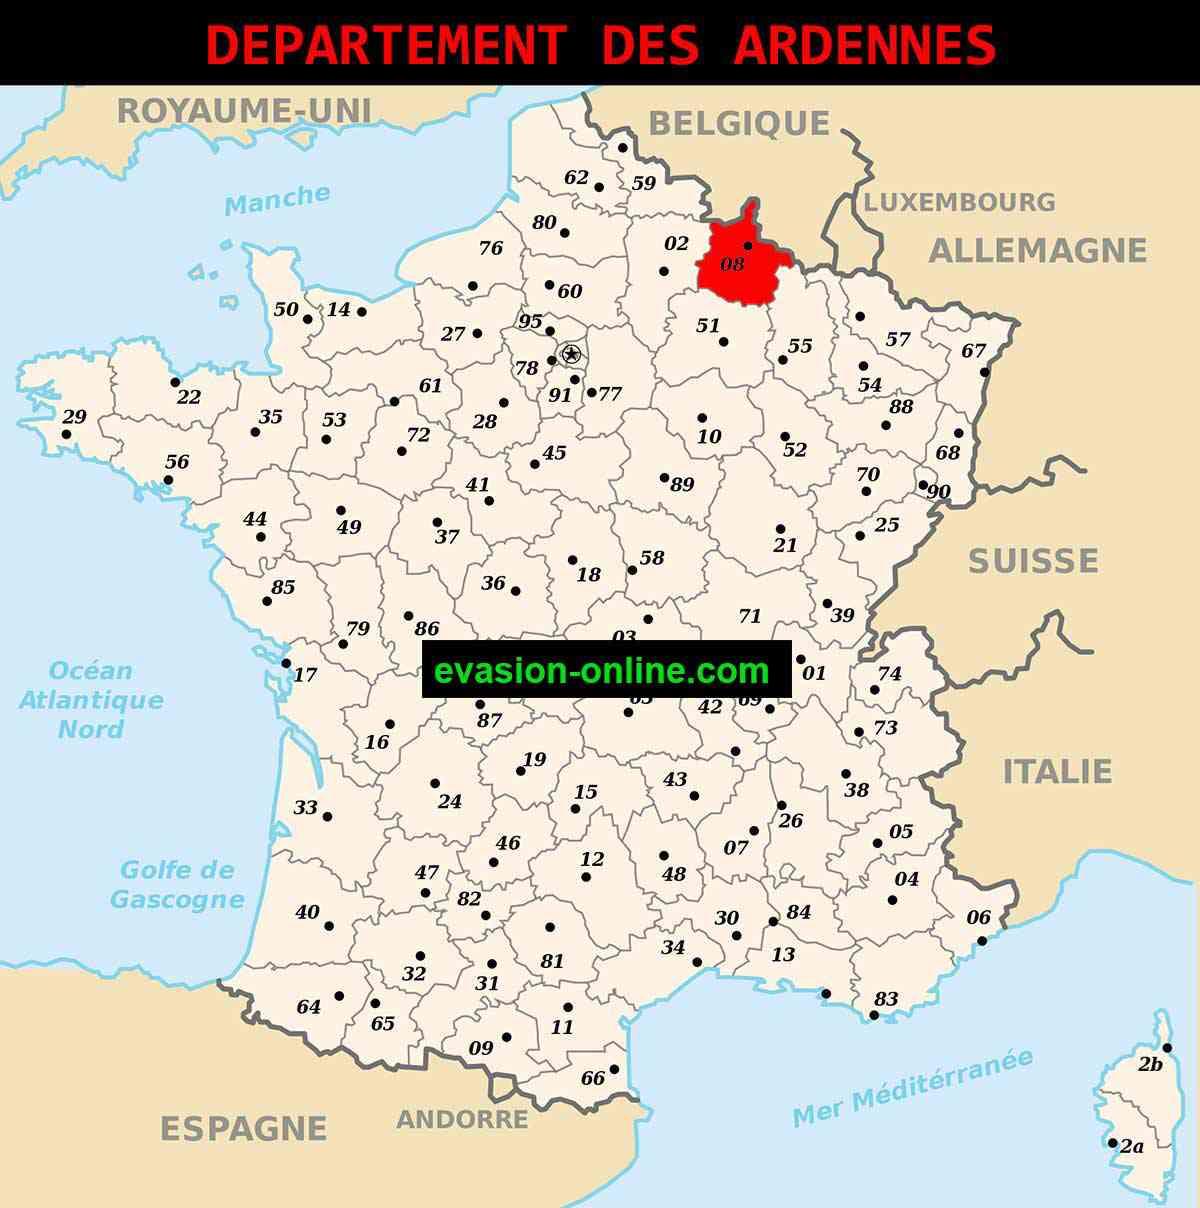 departement des ardennes 08